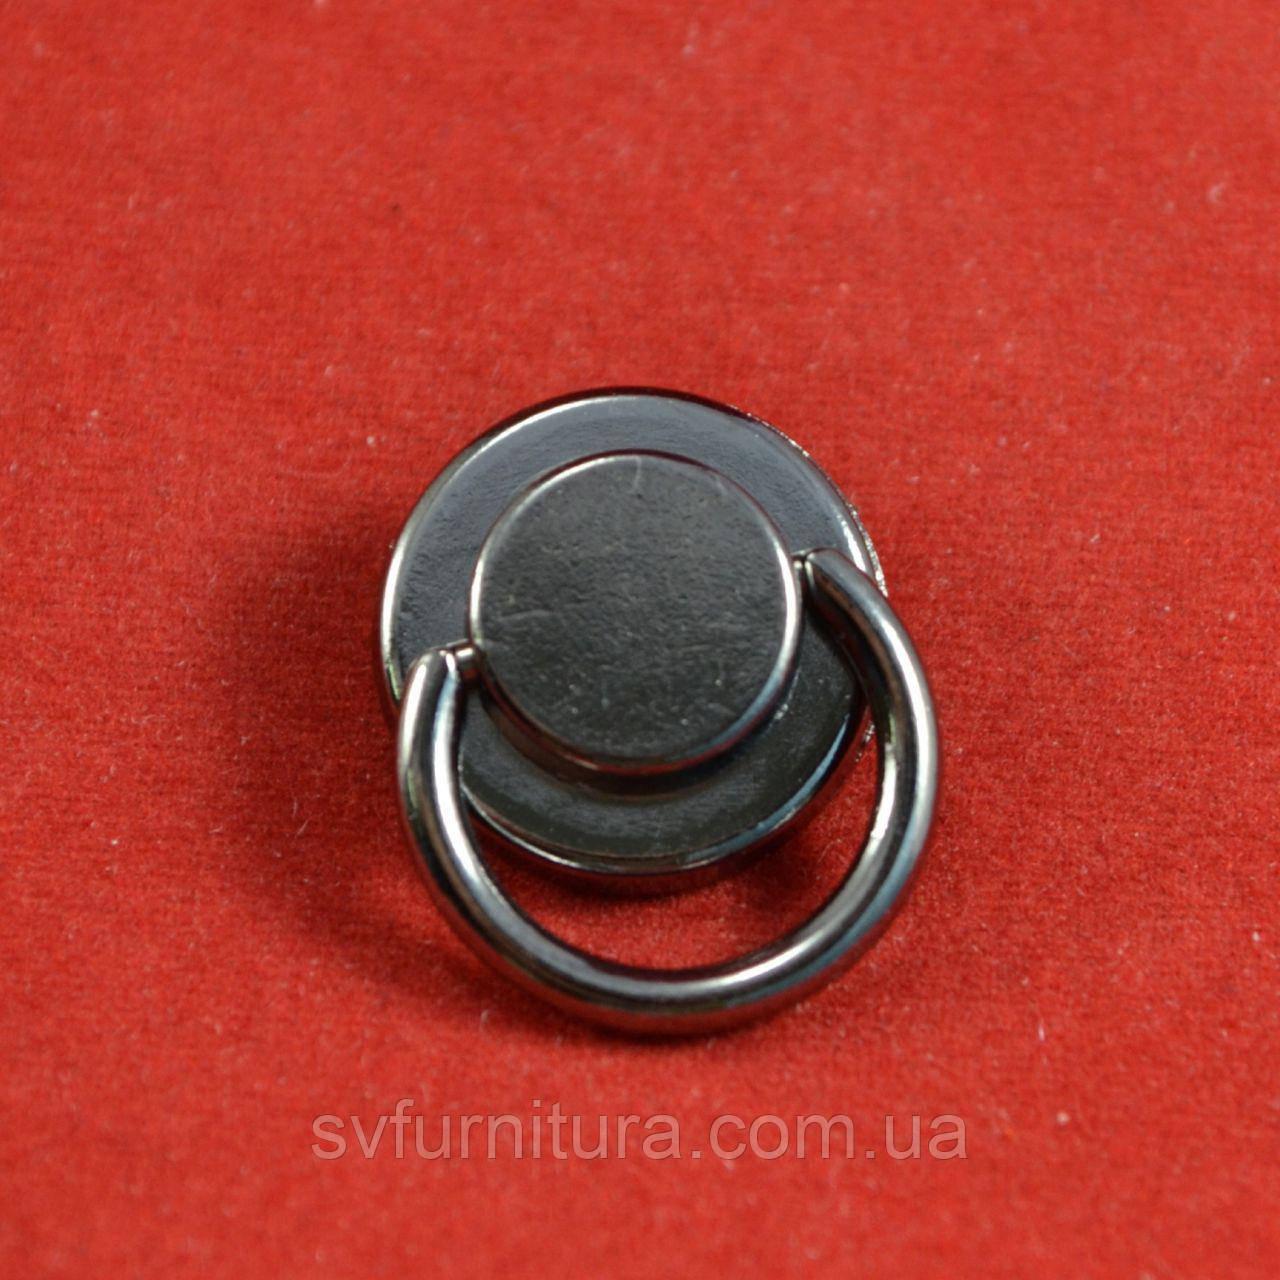 Кнопка А 15098 нікель